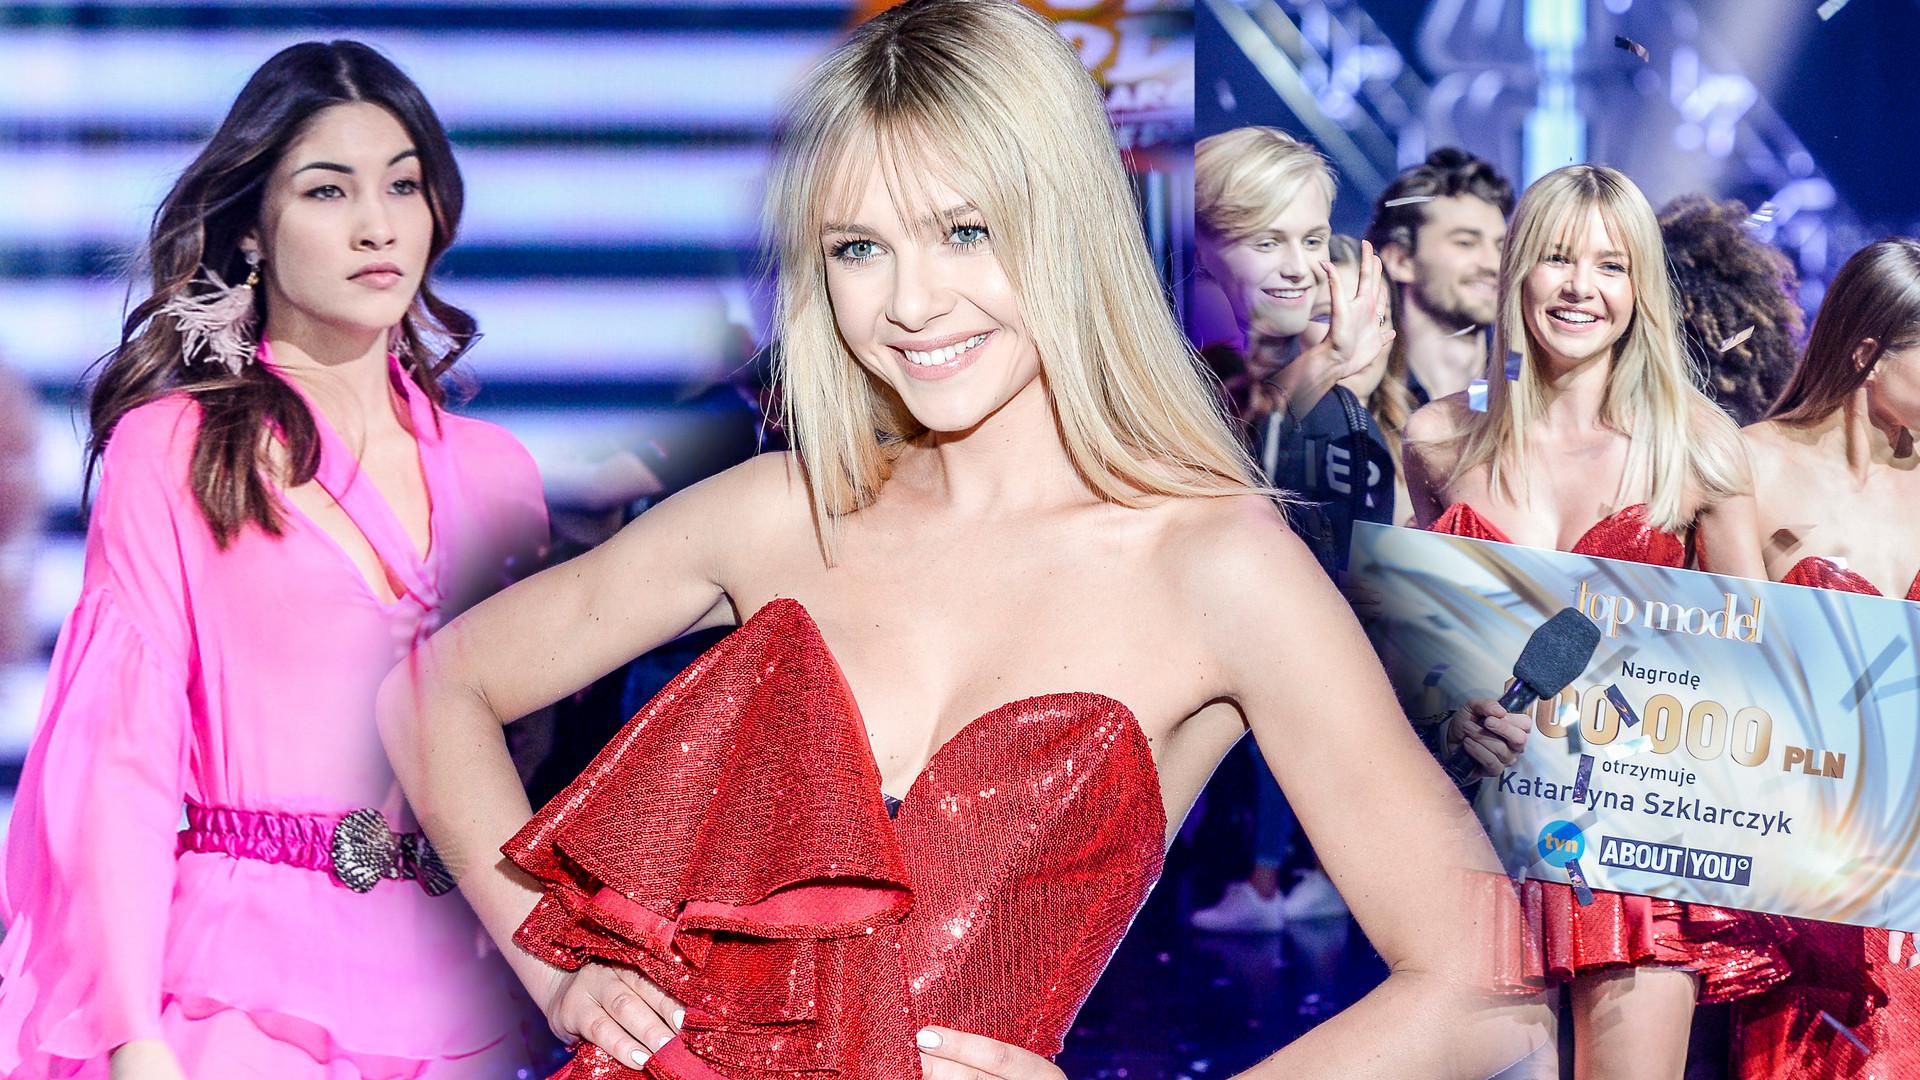 Uczestniczka Top Model już zdążyła wypuścić… TELEDYSK. Kolejna celebrytka?